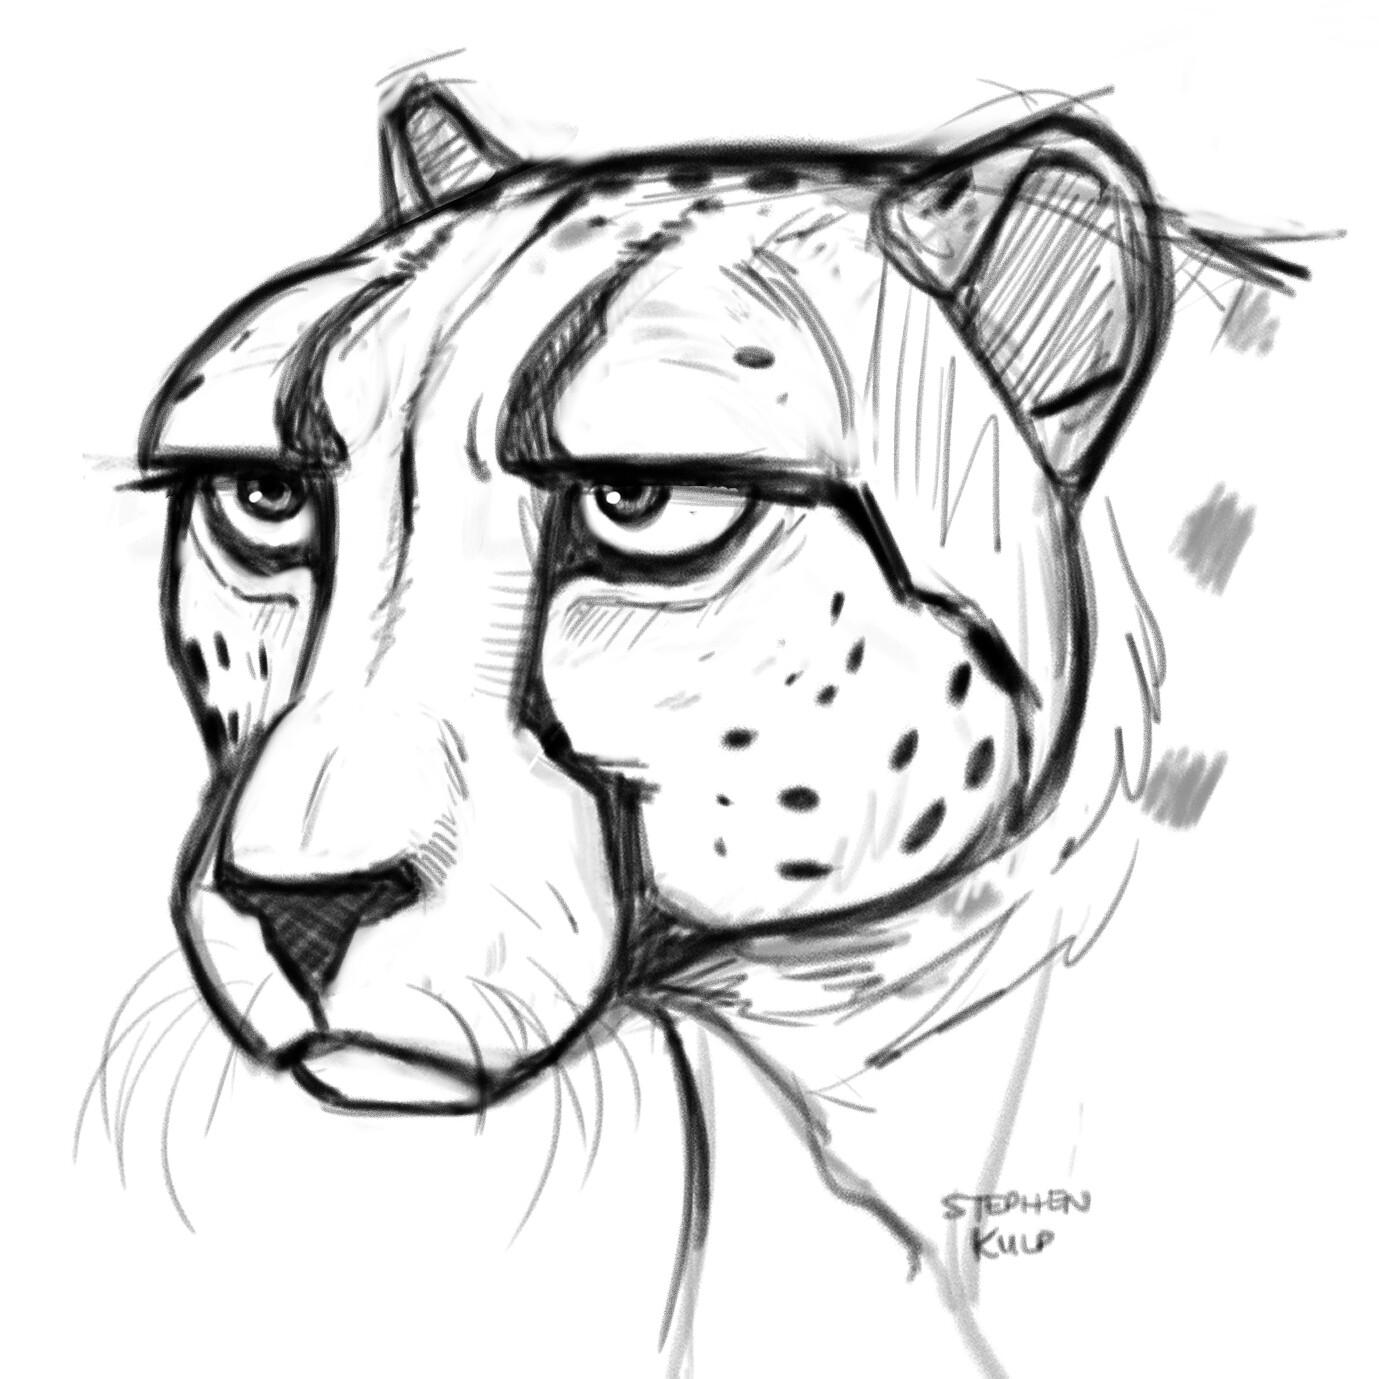 Stephen kulp cheetah sketch 3